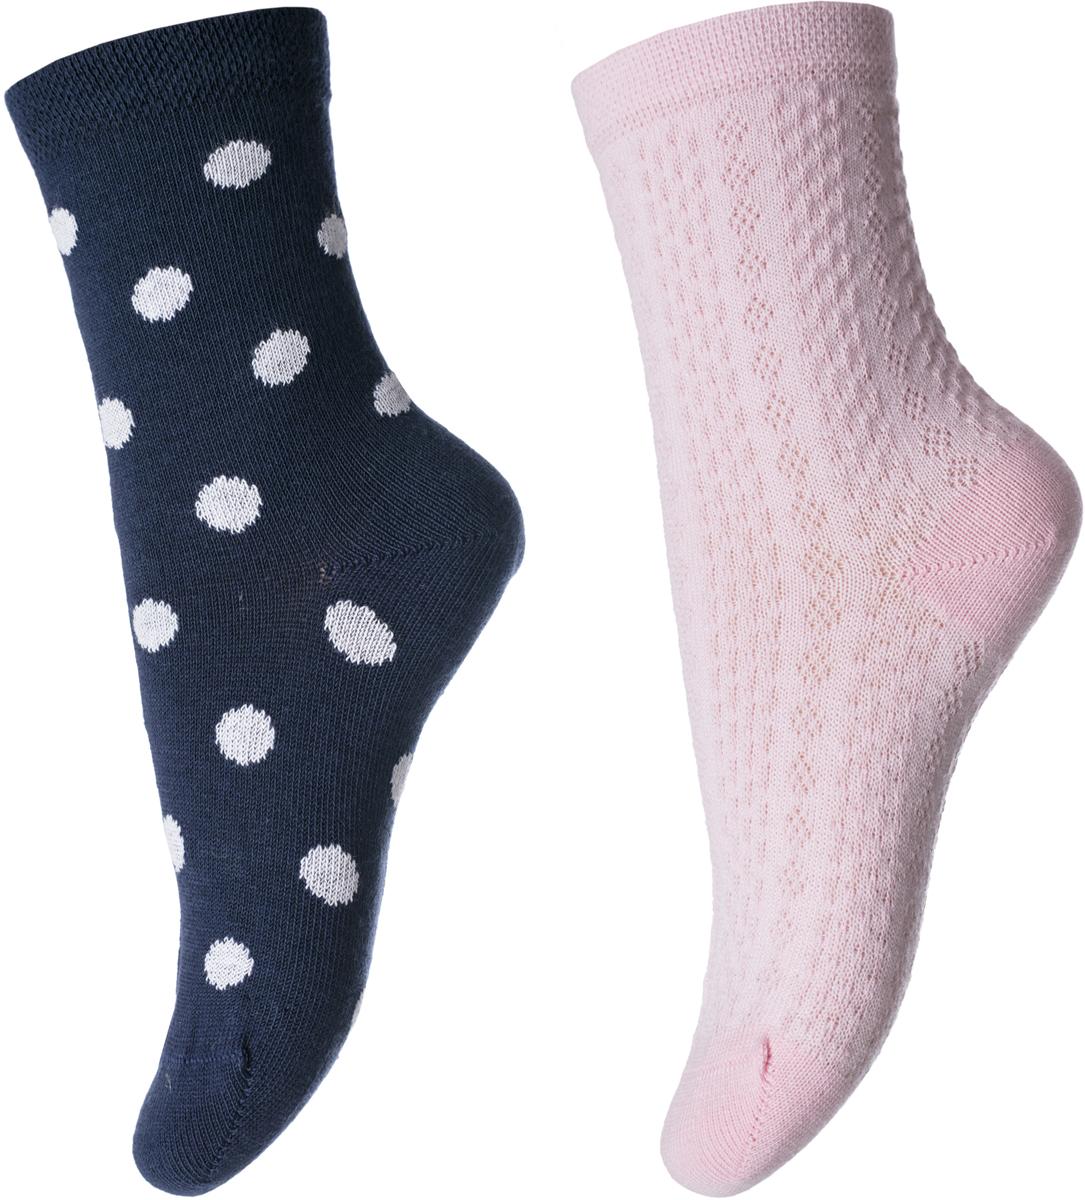 Носки для девочек PlayToday, цвет: розовый, 2 пары. 182084. Размер 16182084Носки мягкие, из натуральных материалов. Хорошо пропускают воздух позволяя коже дышать. Одна пара дополнена жаккардовым рисунком.